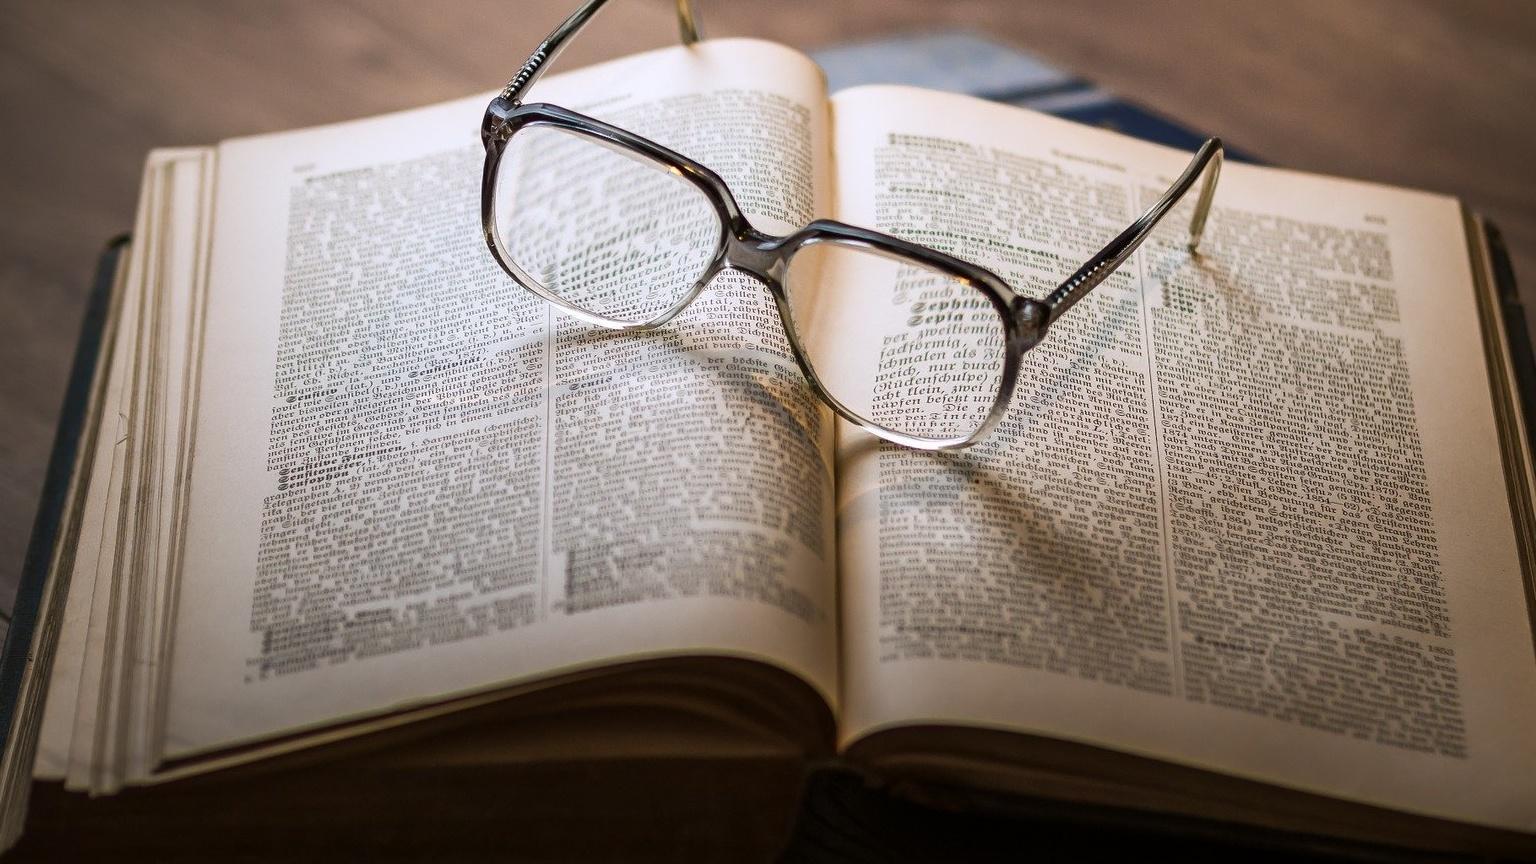 Einen Stein im Brett haben: Bedeutung und Herkunft der Redewendung